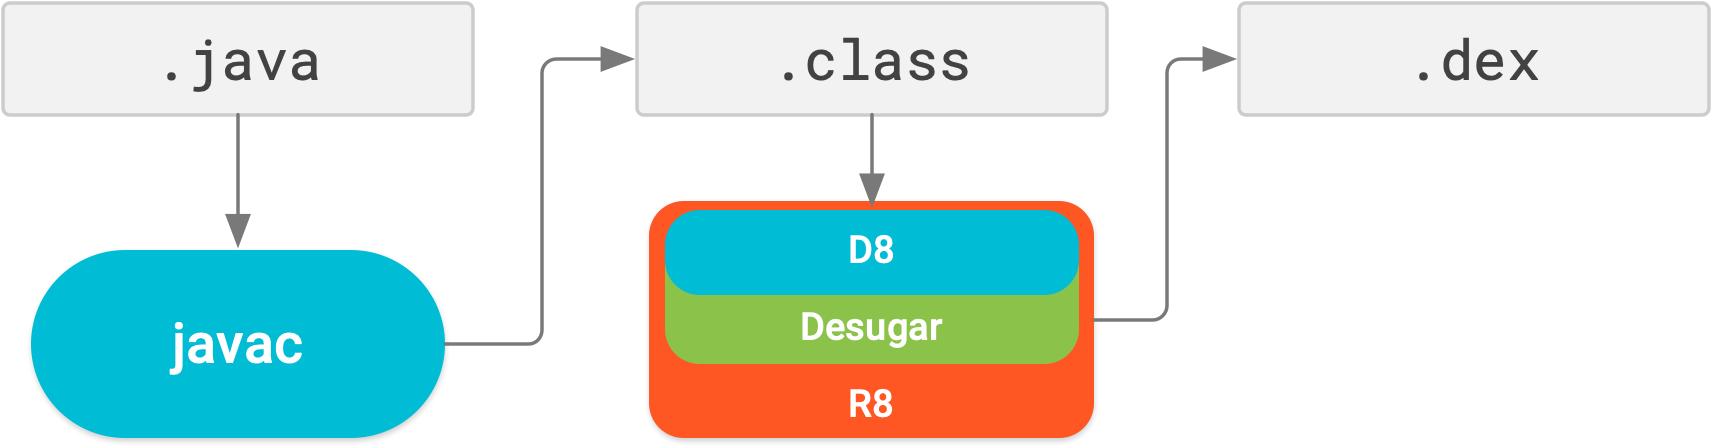 Con R8, desugaring, la reducción, la ofuscación, la optimización y la conversión a dex se llevan a cabo en un único paso de compilación.